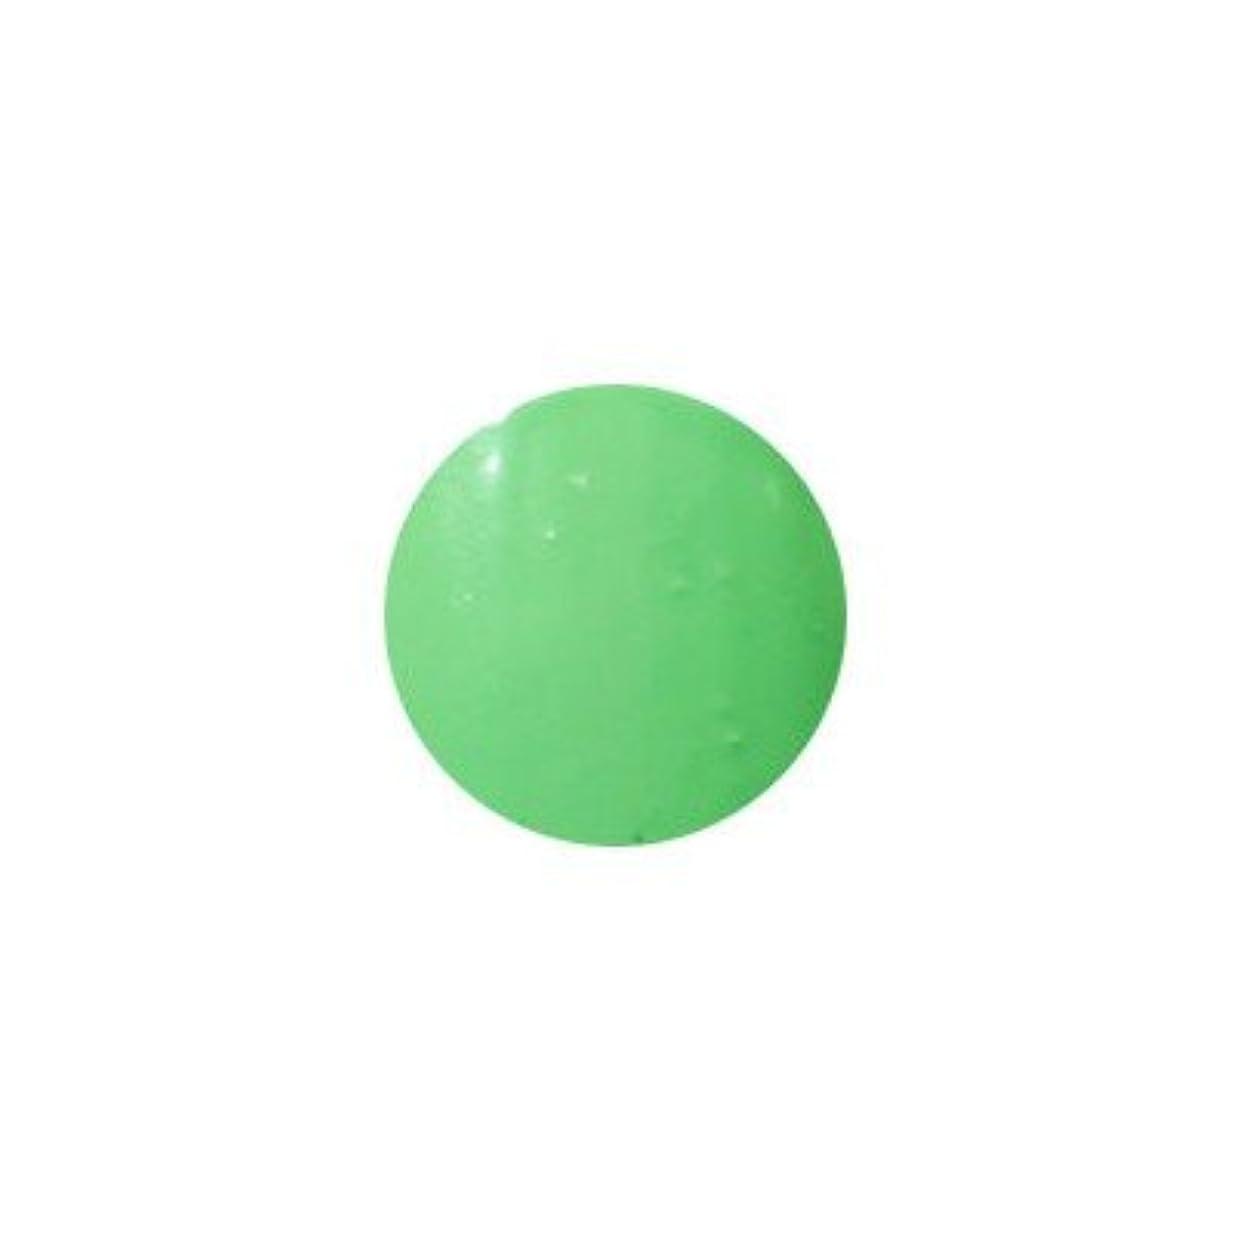 プティール カラージェル キャンディー C18 リーフグリーン